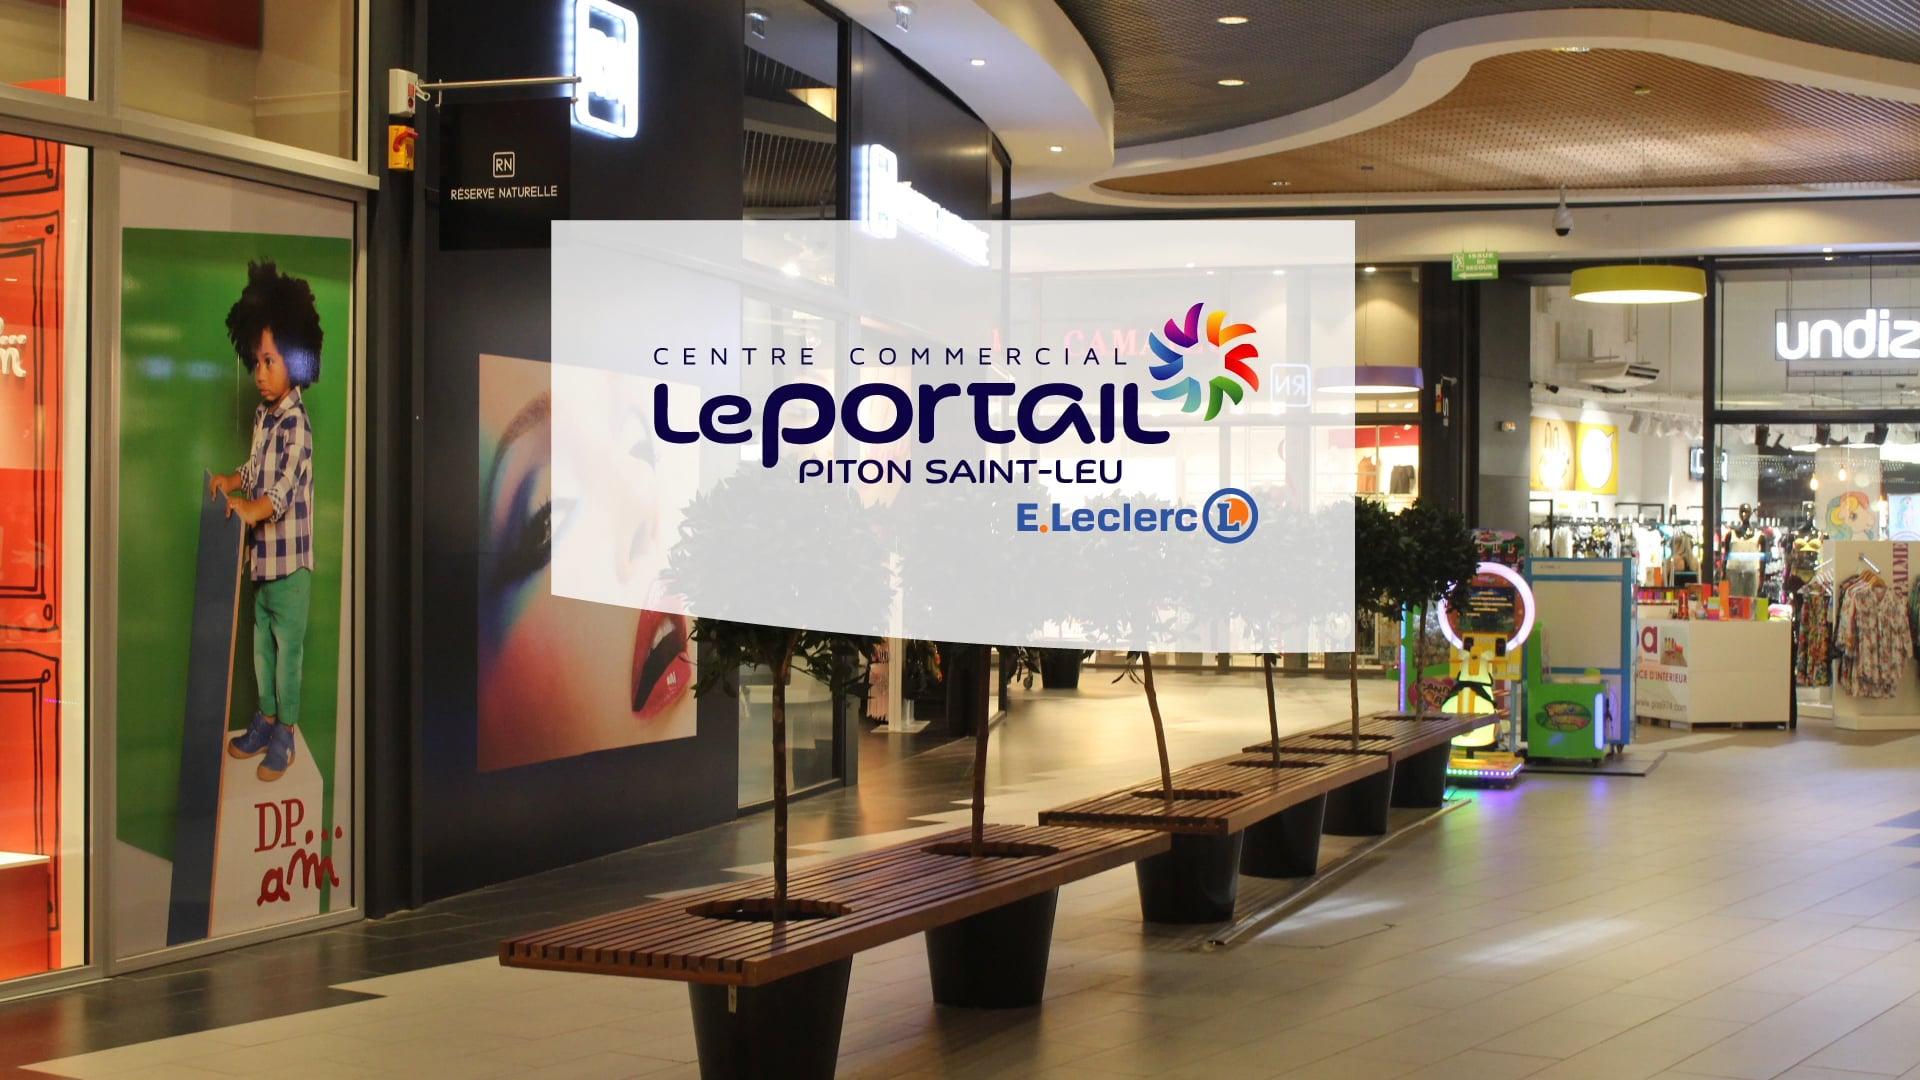 Publicité E.Leclerc Le Portail, La Réunion